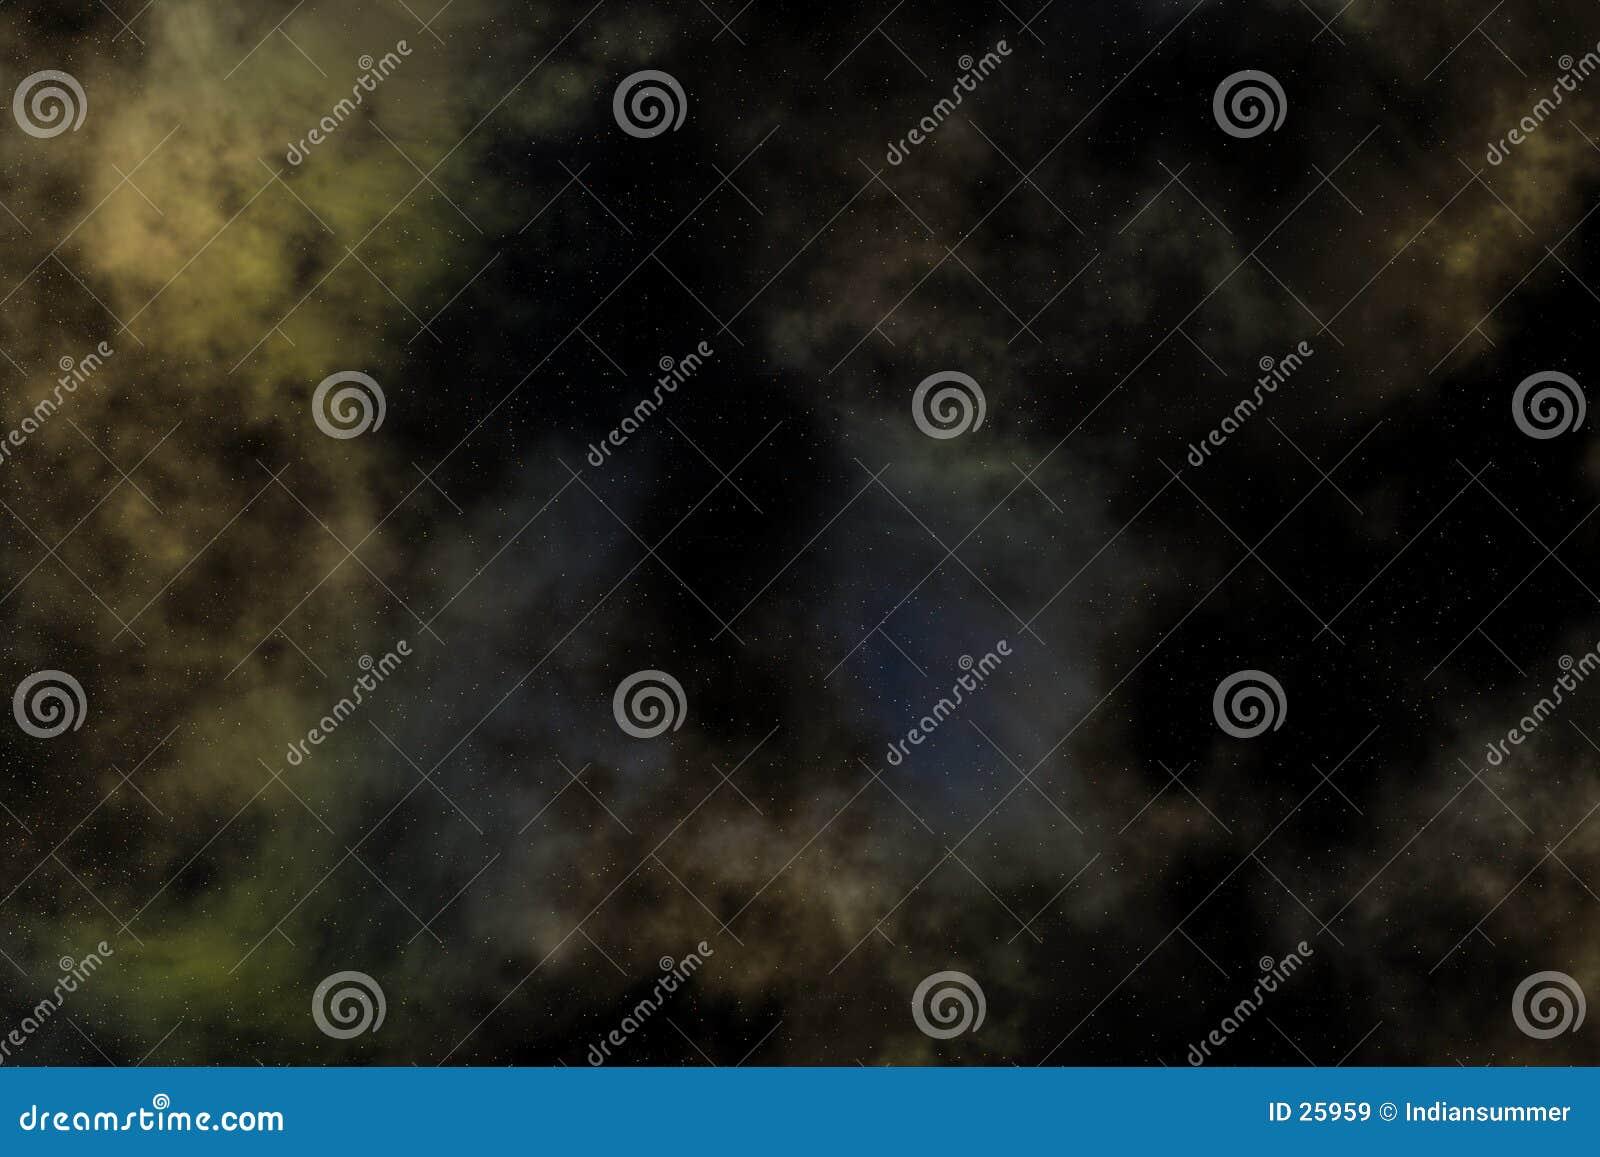 Galaxiehintergrund, II